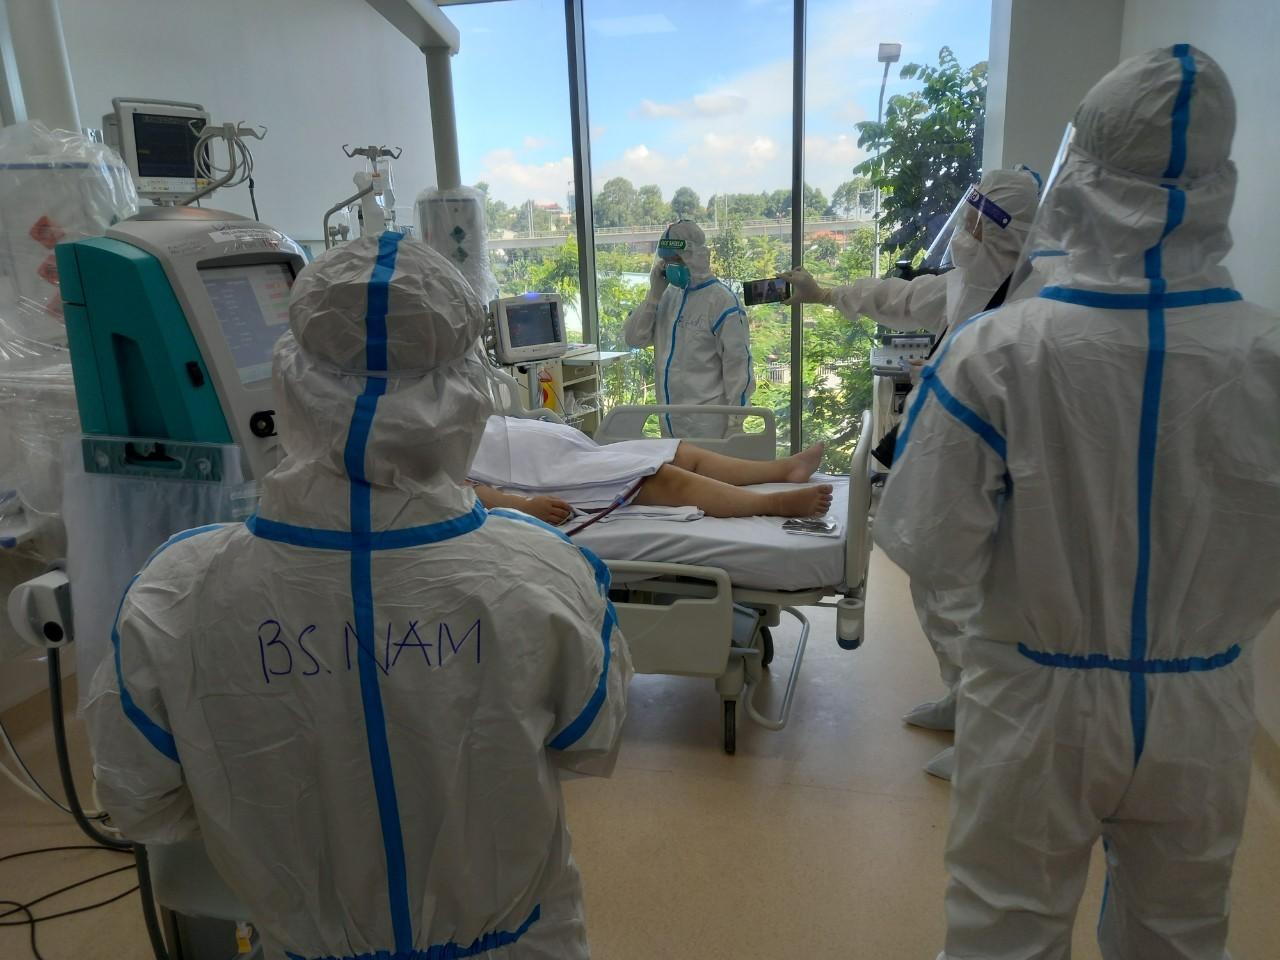 Bệnh nhân Covid-19 nặng điều trị tại Bệnh viện Hồi sức Covid-19 của TP HCM. Ảnh:Văn Đạo.